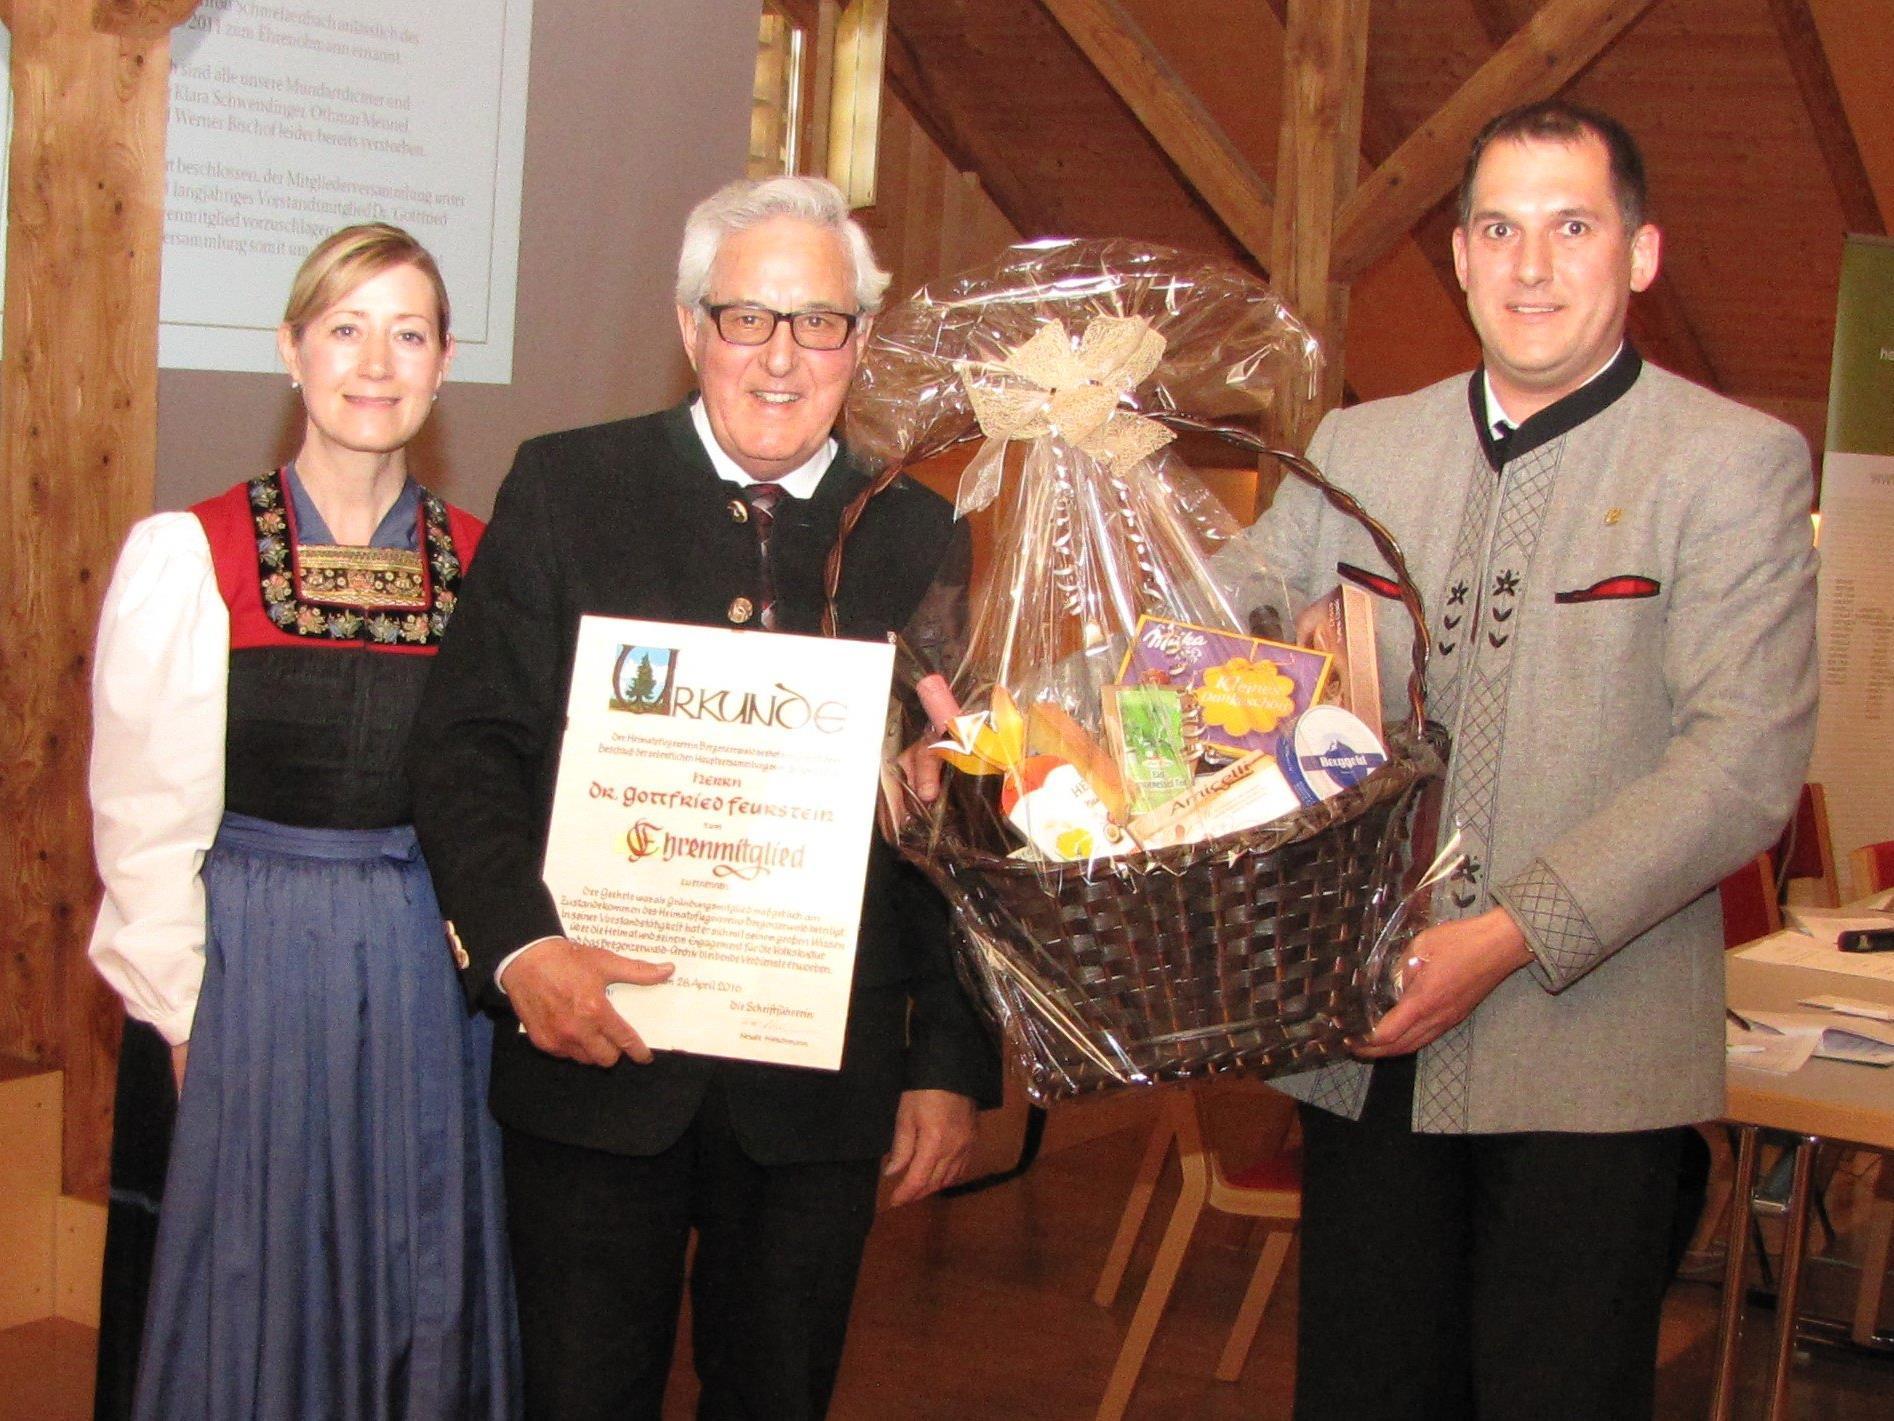 Renate Hirschmann, Dr. Gottfried Feurstein und Obmann Richard Bilgeri.